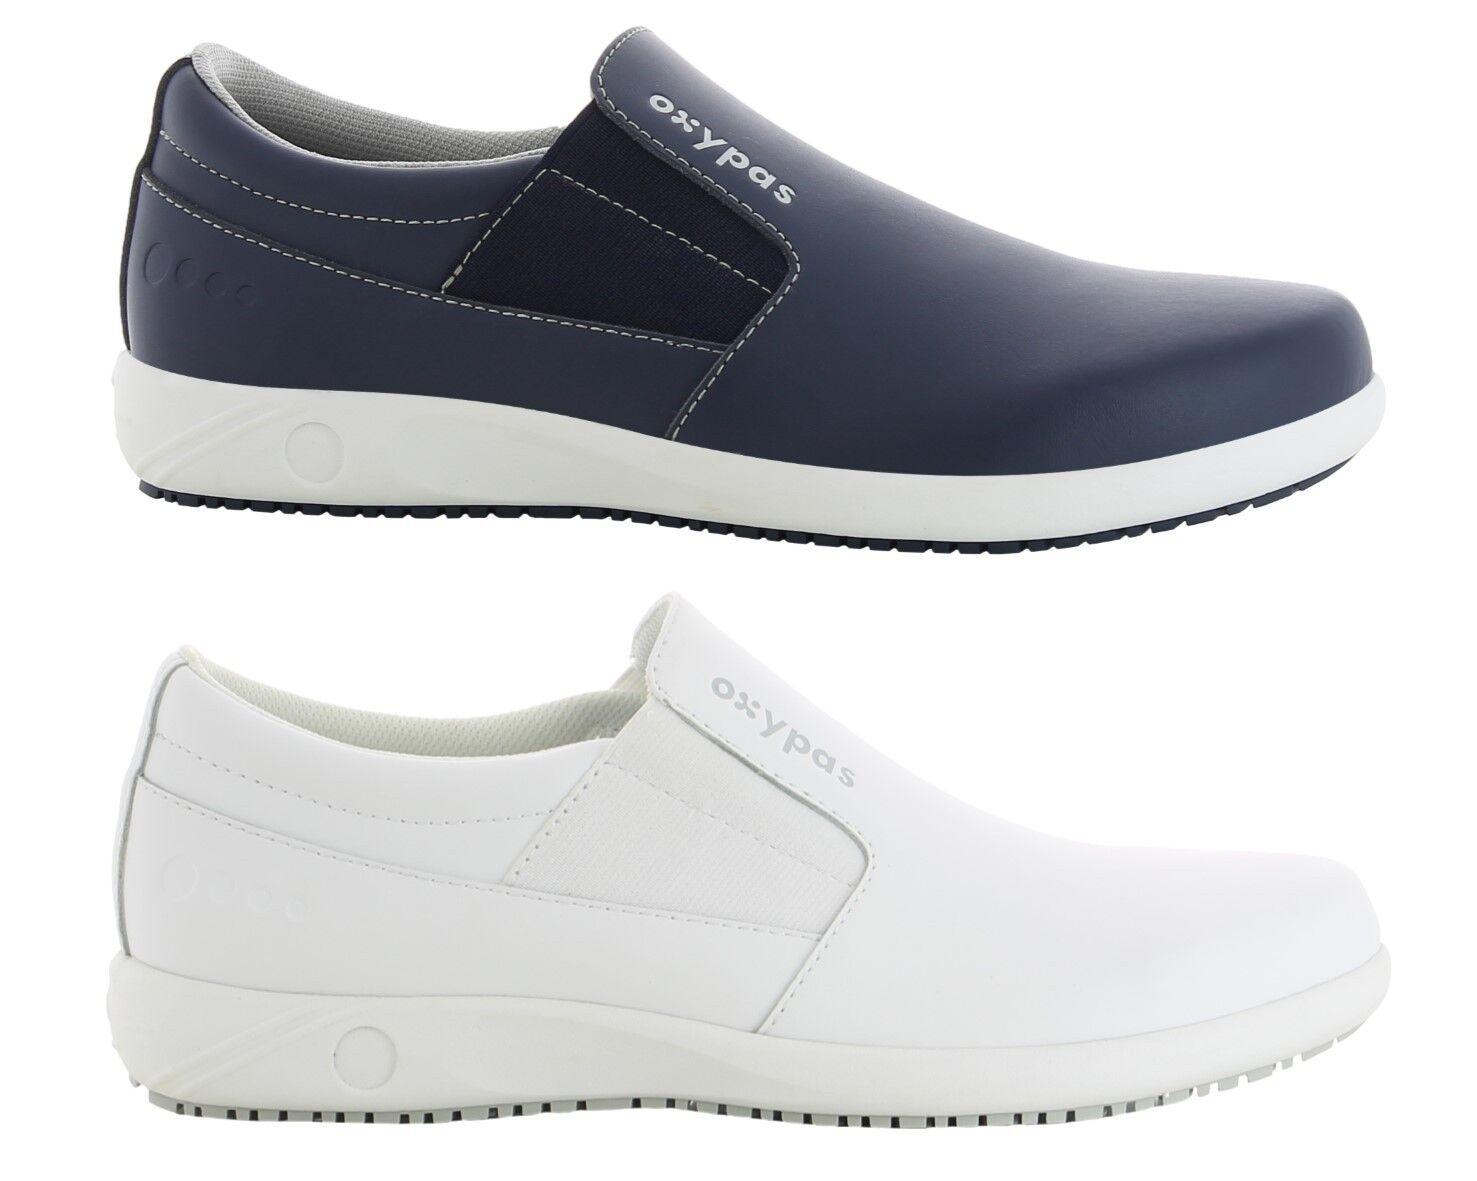 Oxypas Oxysport Roy Leather Slip-on Nursing shoes